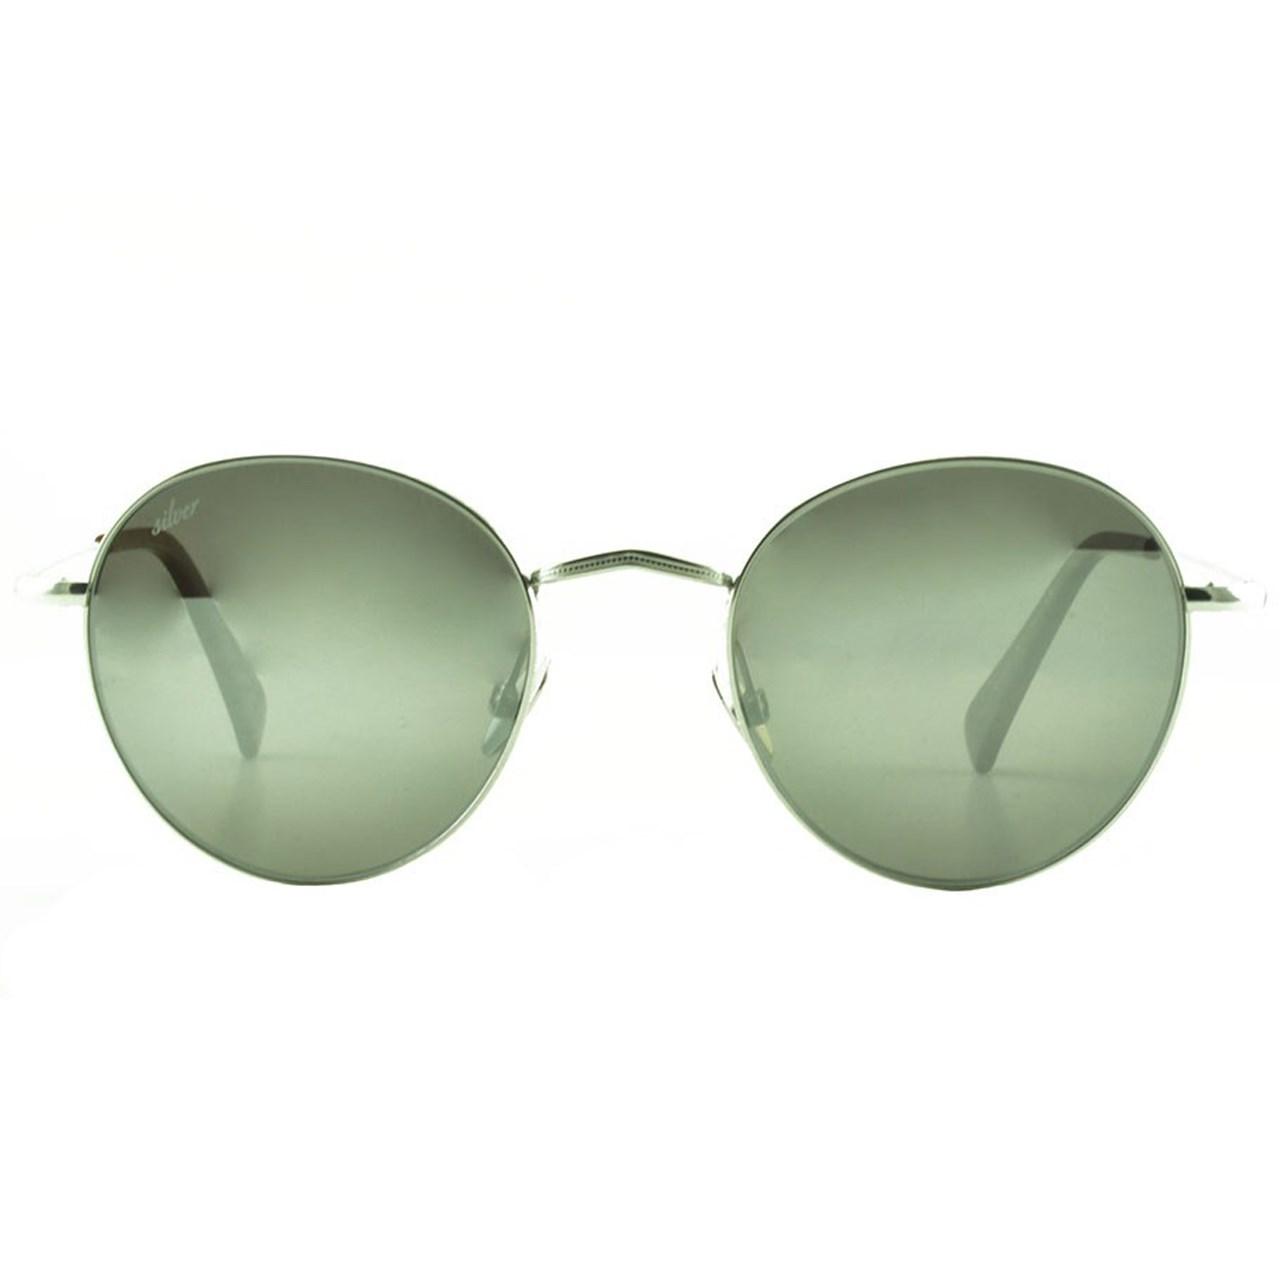 عینک آفتابی Nik03 سری Silver مدل Nk1118 Spl